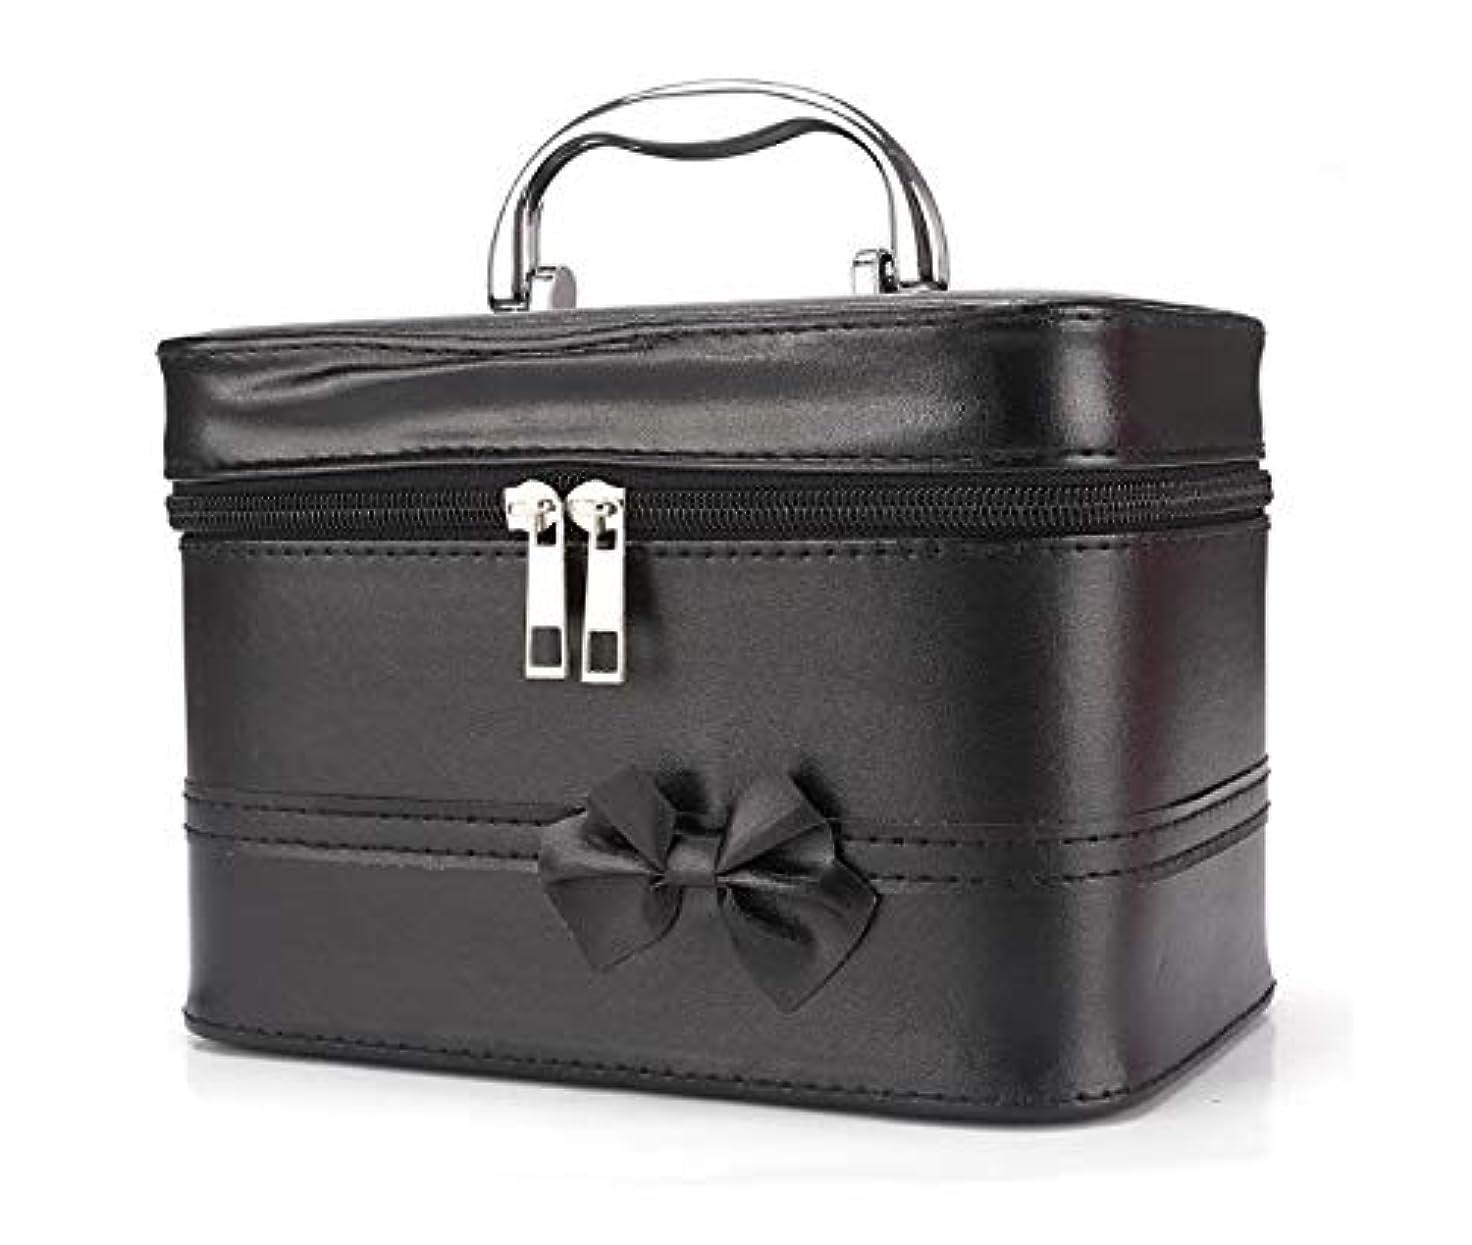 擬人賛辞検査官化粧箱、弓スクエアポータブル化粧品袋、ポータブルポータブル旅行化粧品ケース、美容ネイルジュエリー収納ボックス (Color : ブラック)